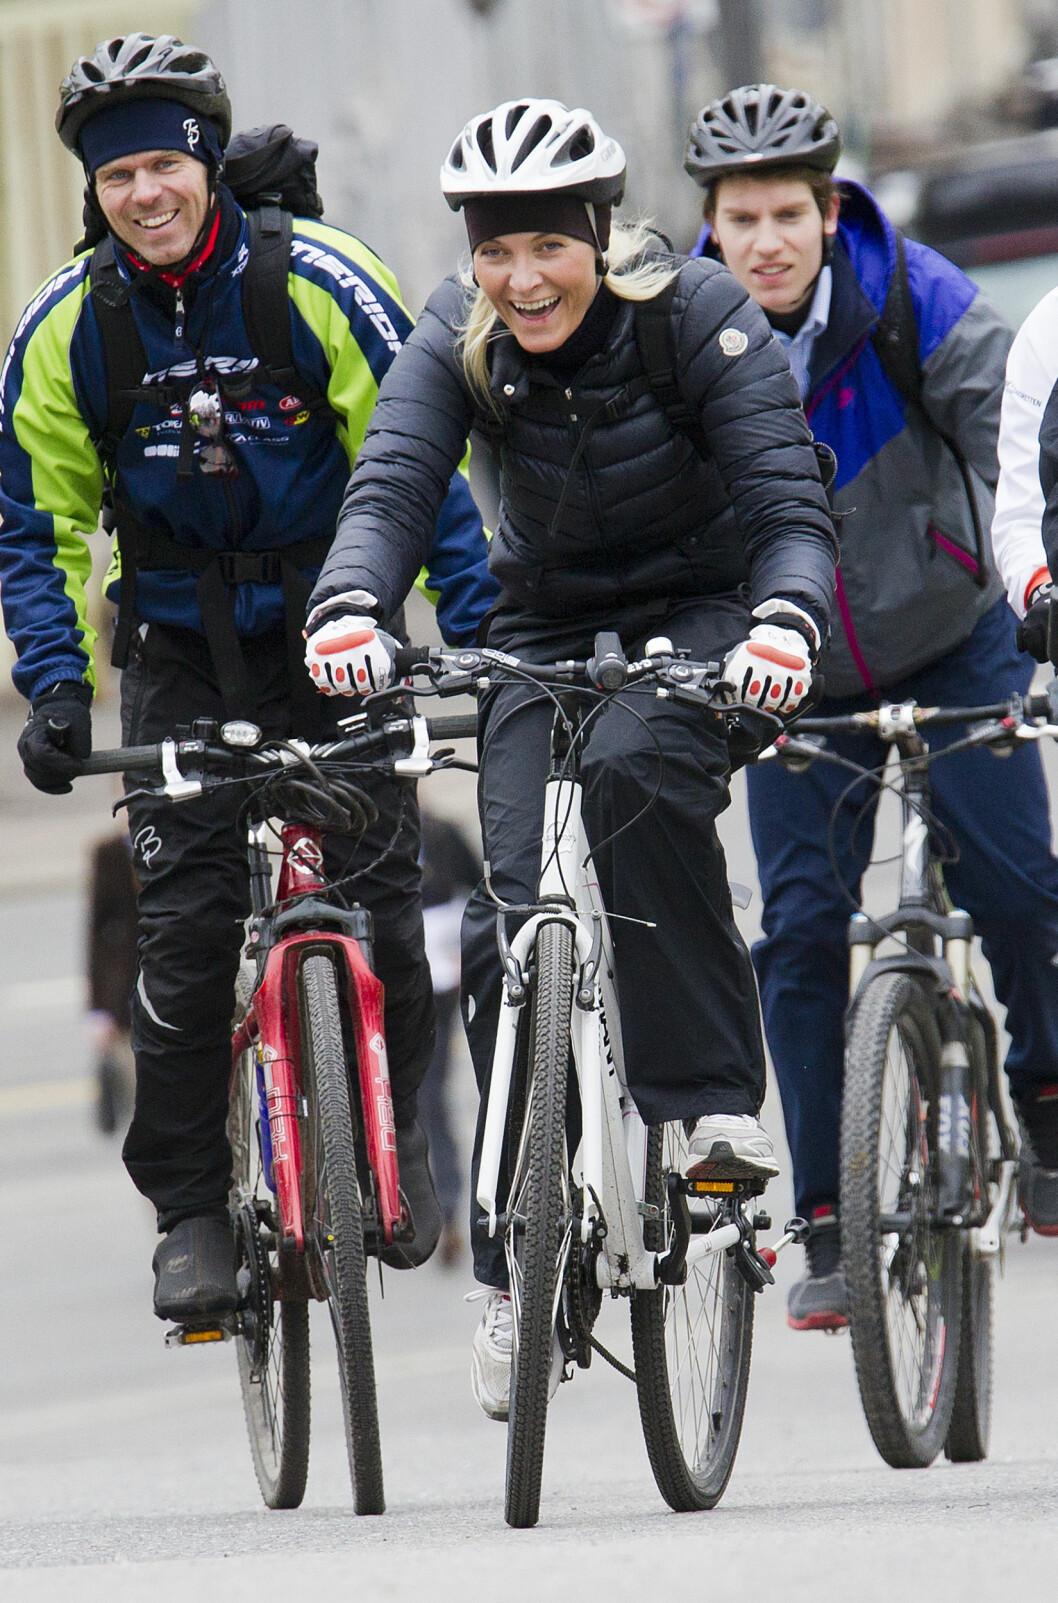 FOLKELIG: I 2012 deltok den aktive kronprinsessen på «Sykle til jobben»-aksjonen i samarbeid med WWF, og startet arbeidsdagen med å sykle fra Skaugum til slottet. Sykkelen er for øvrig en bursdagsgave fra kronprins Haakon til sin kone.  Foto: NTB Scanpix